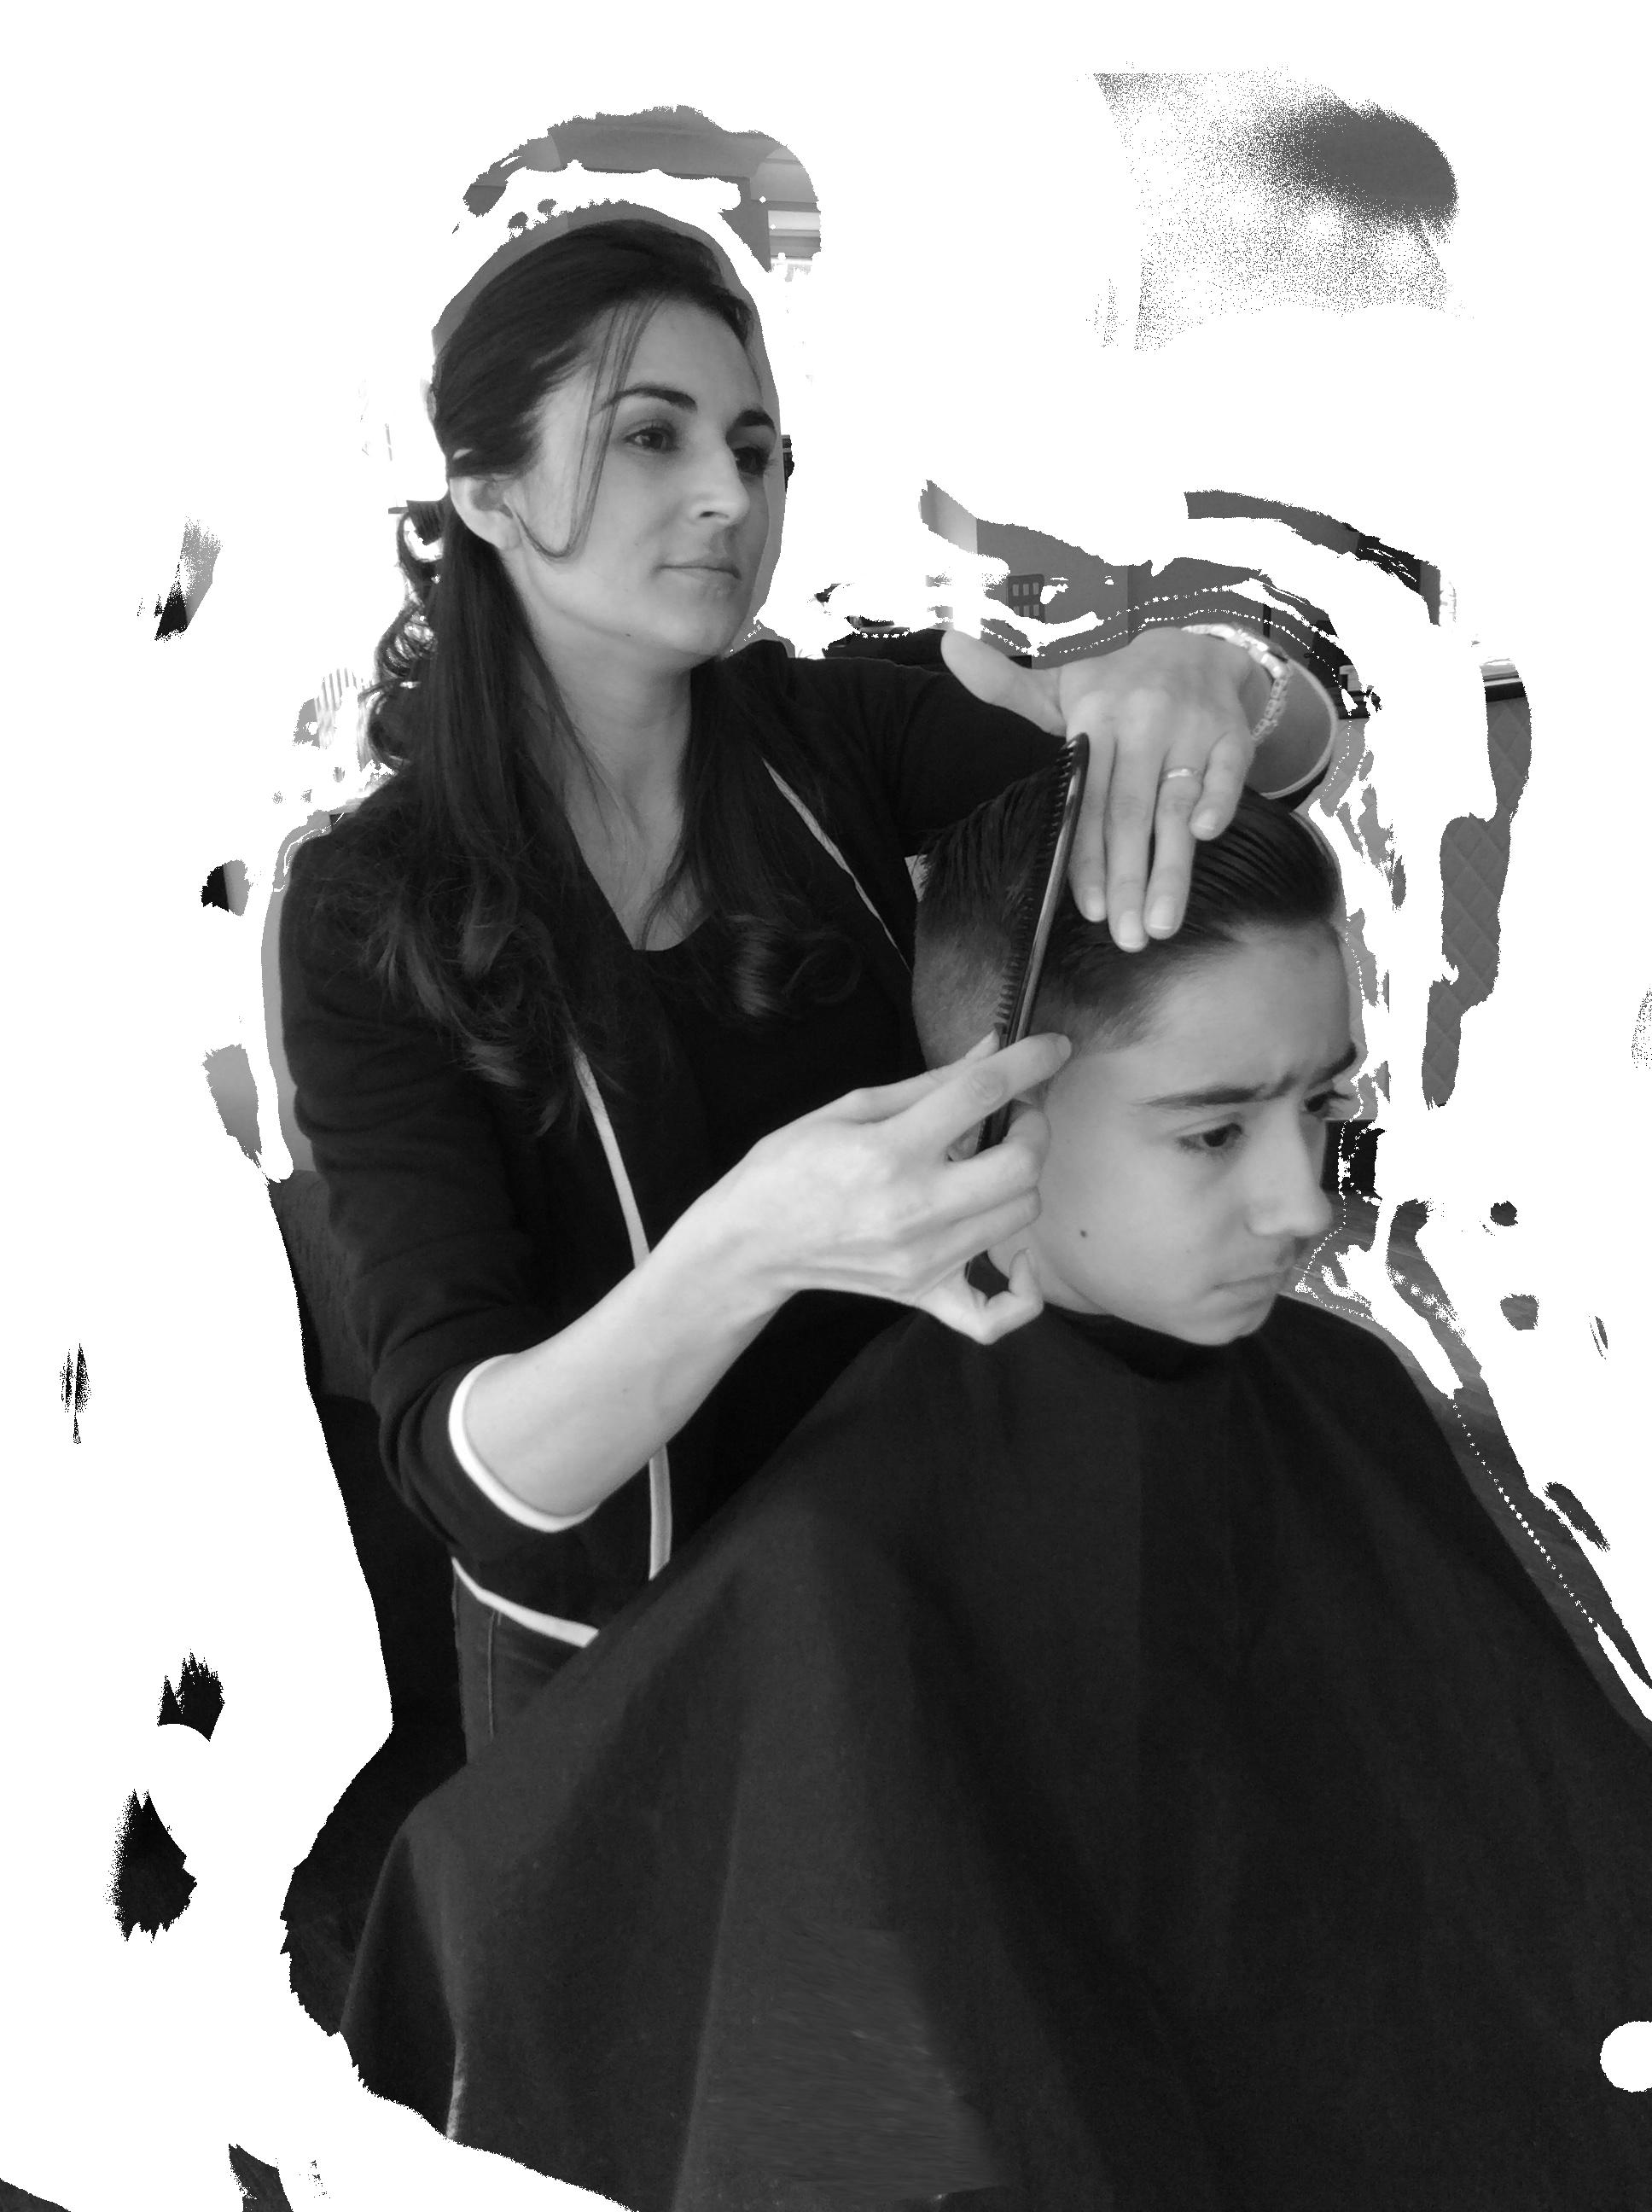 Men's hairdresser in Chessington, UK